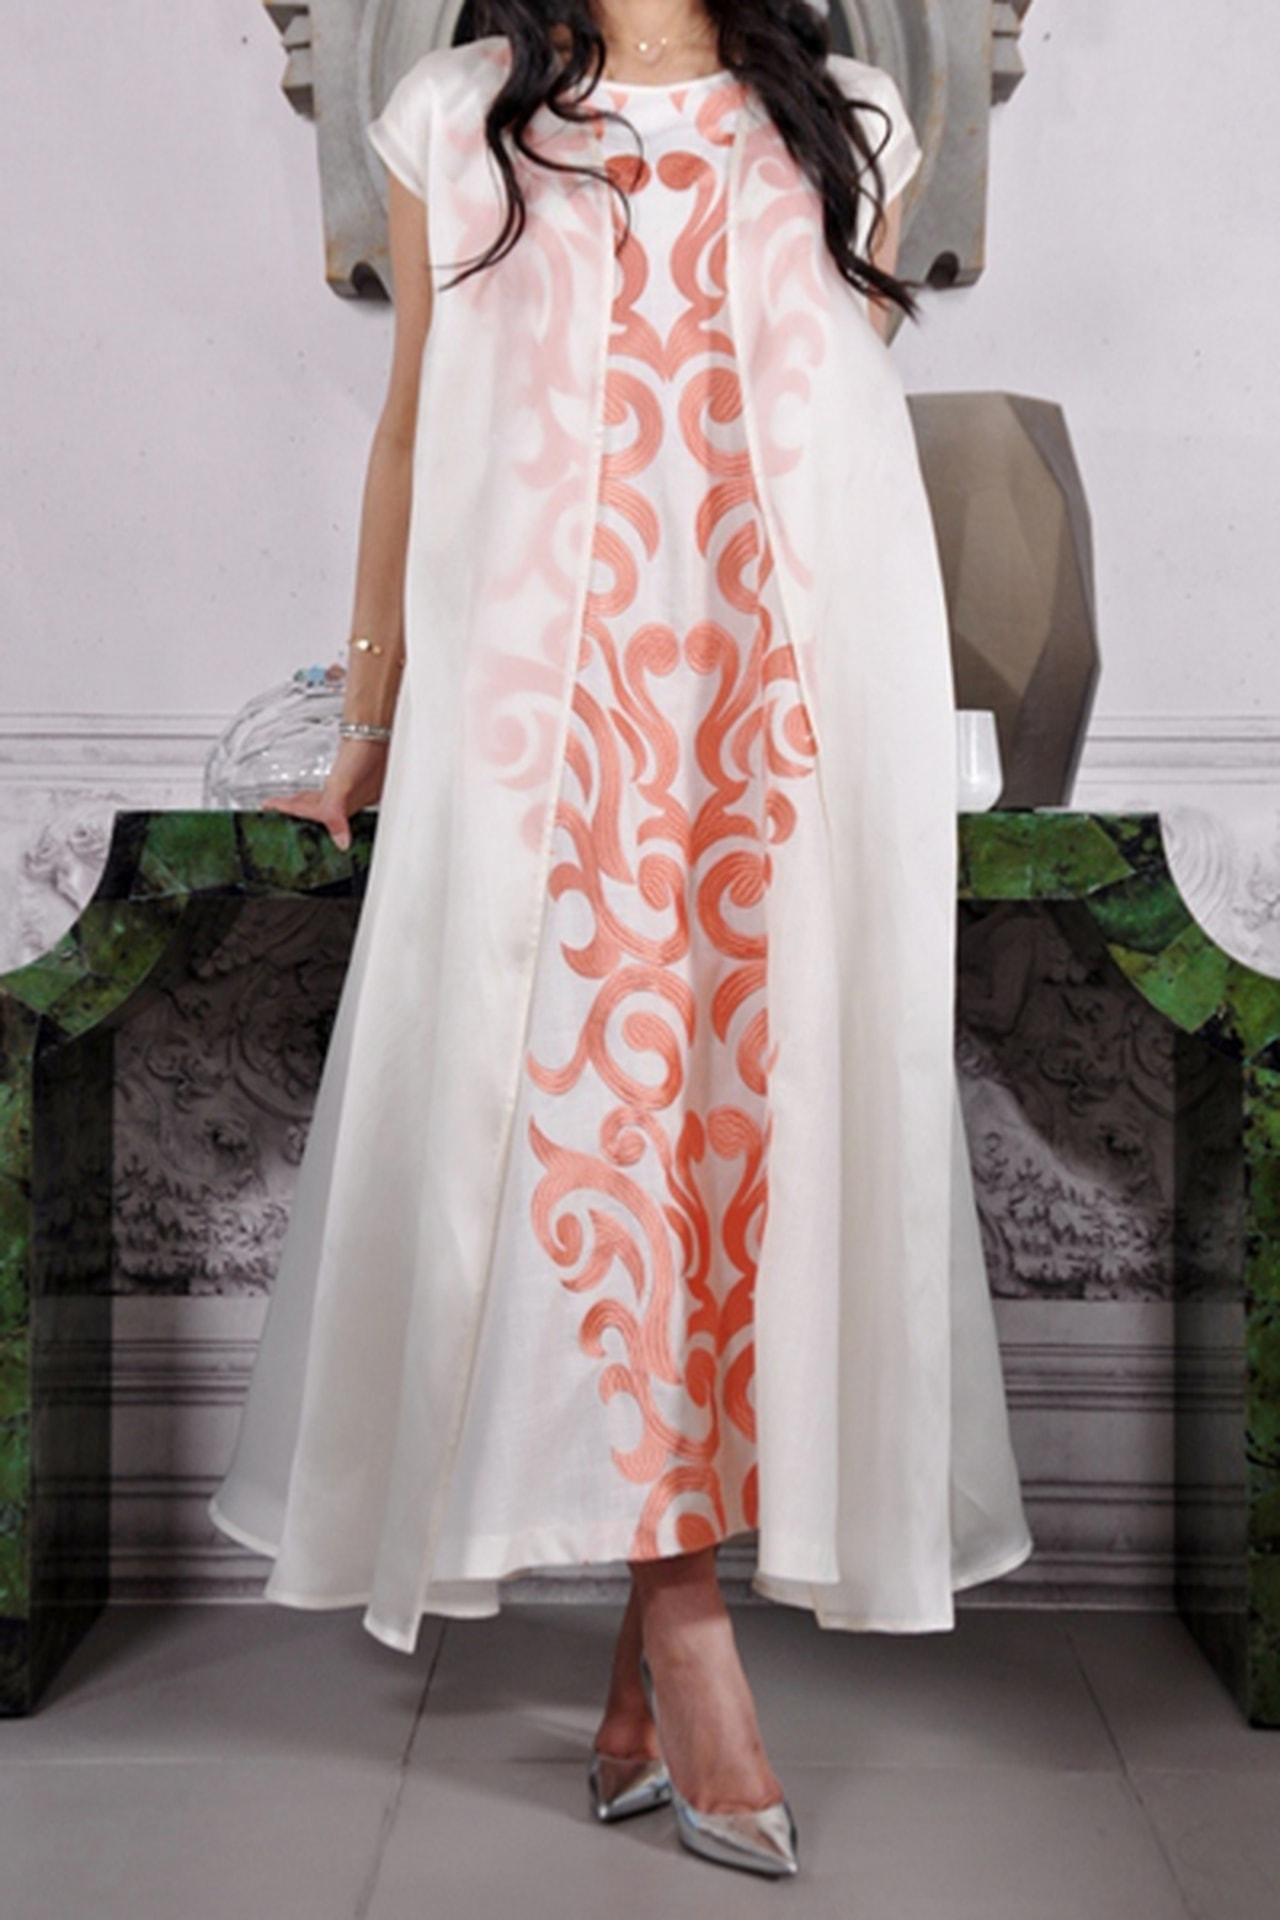 بالصور جلابيات رمضان , اجمل موديلات الملابس الرمضانية 3149 3